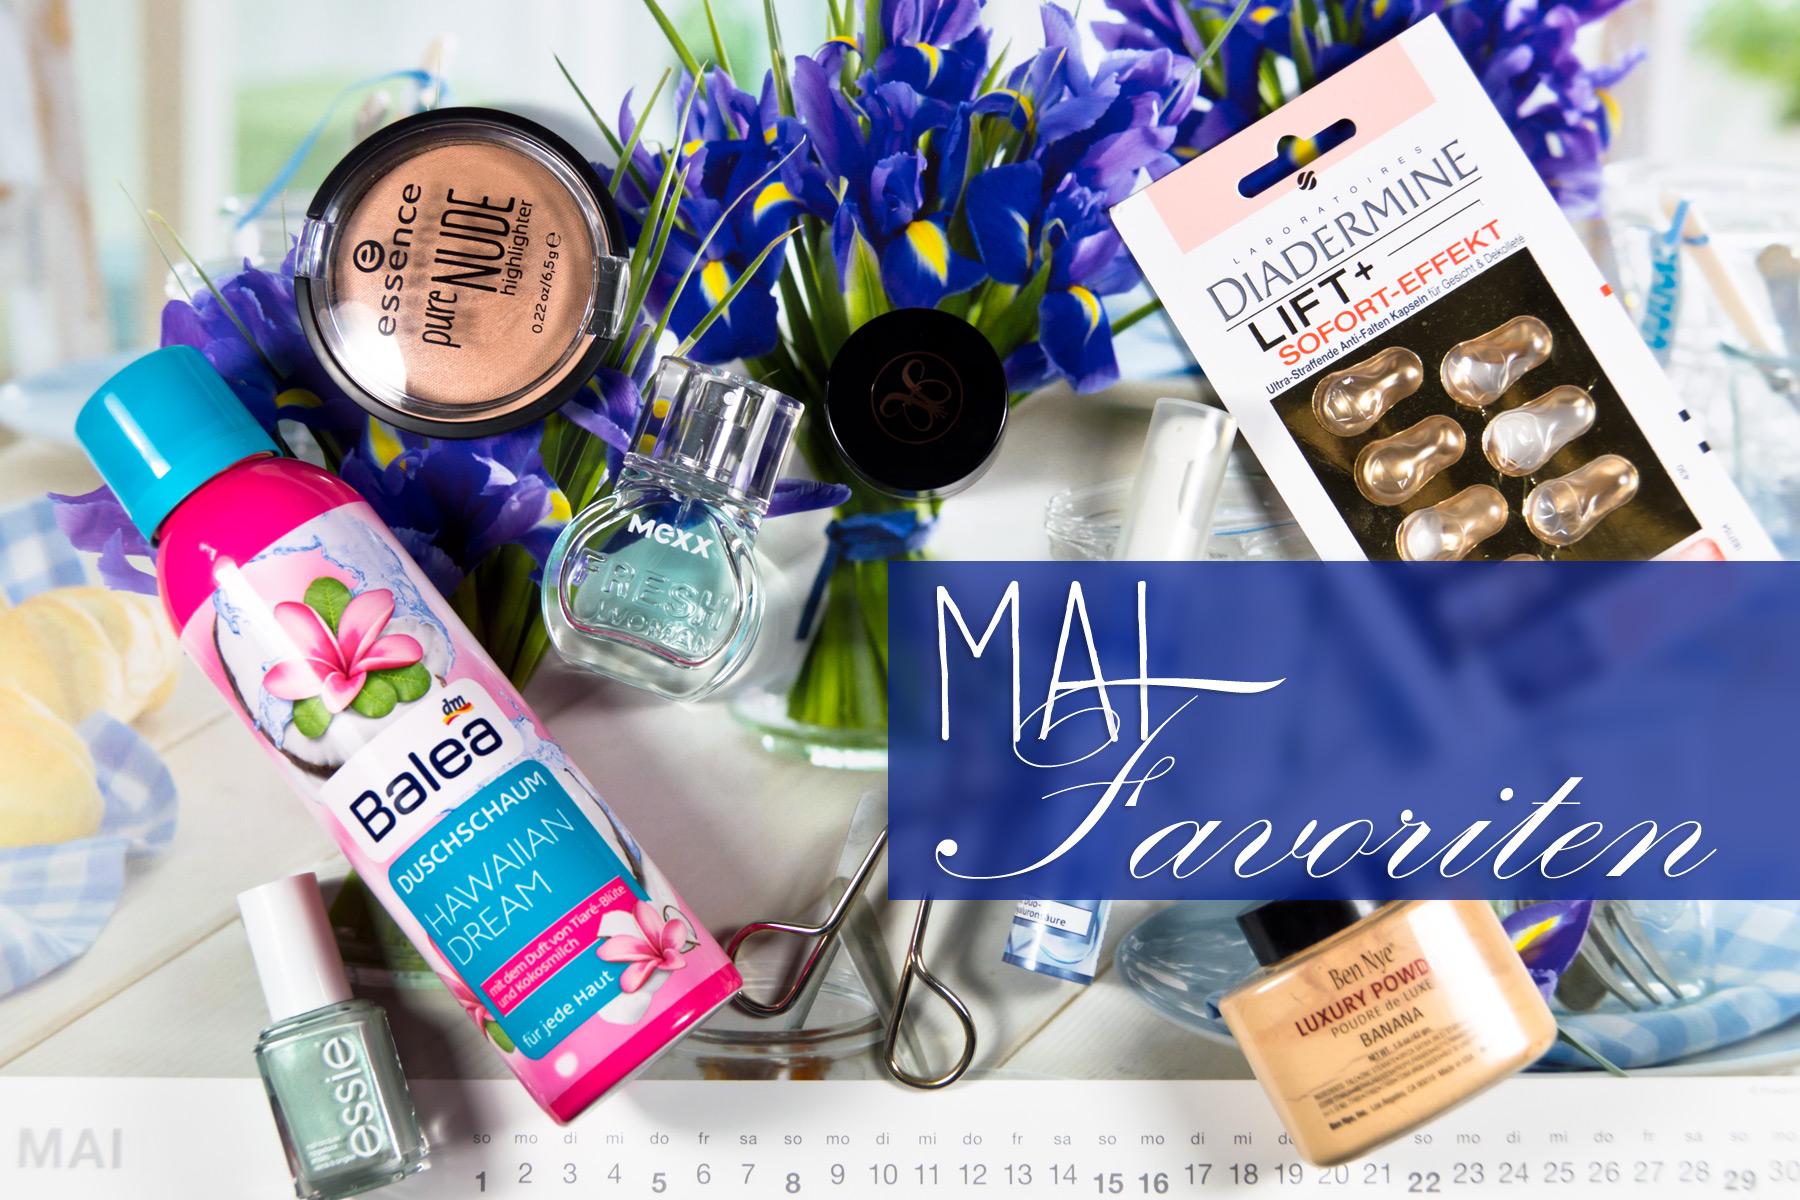 5 Favorieten 8 : Mai favoriten marie theres schindler beauty blog